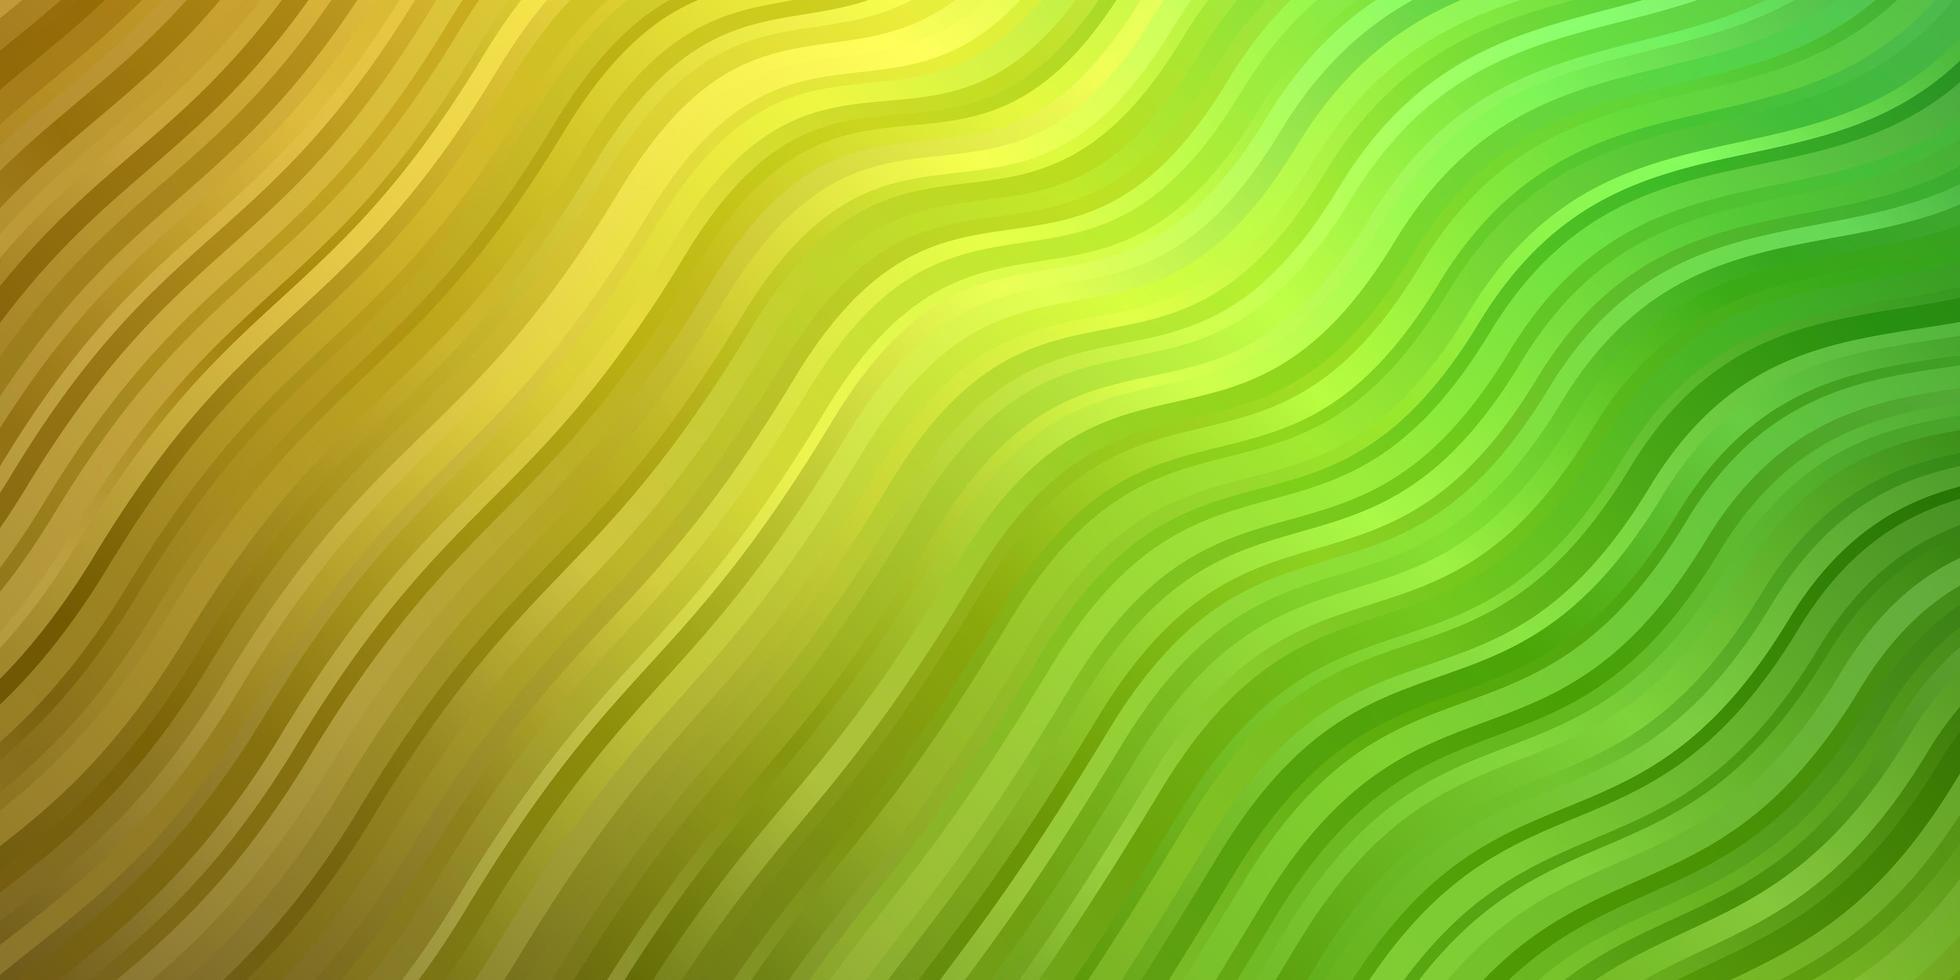 pano de fundo de vetor verde e amarelo claro com curvas.